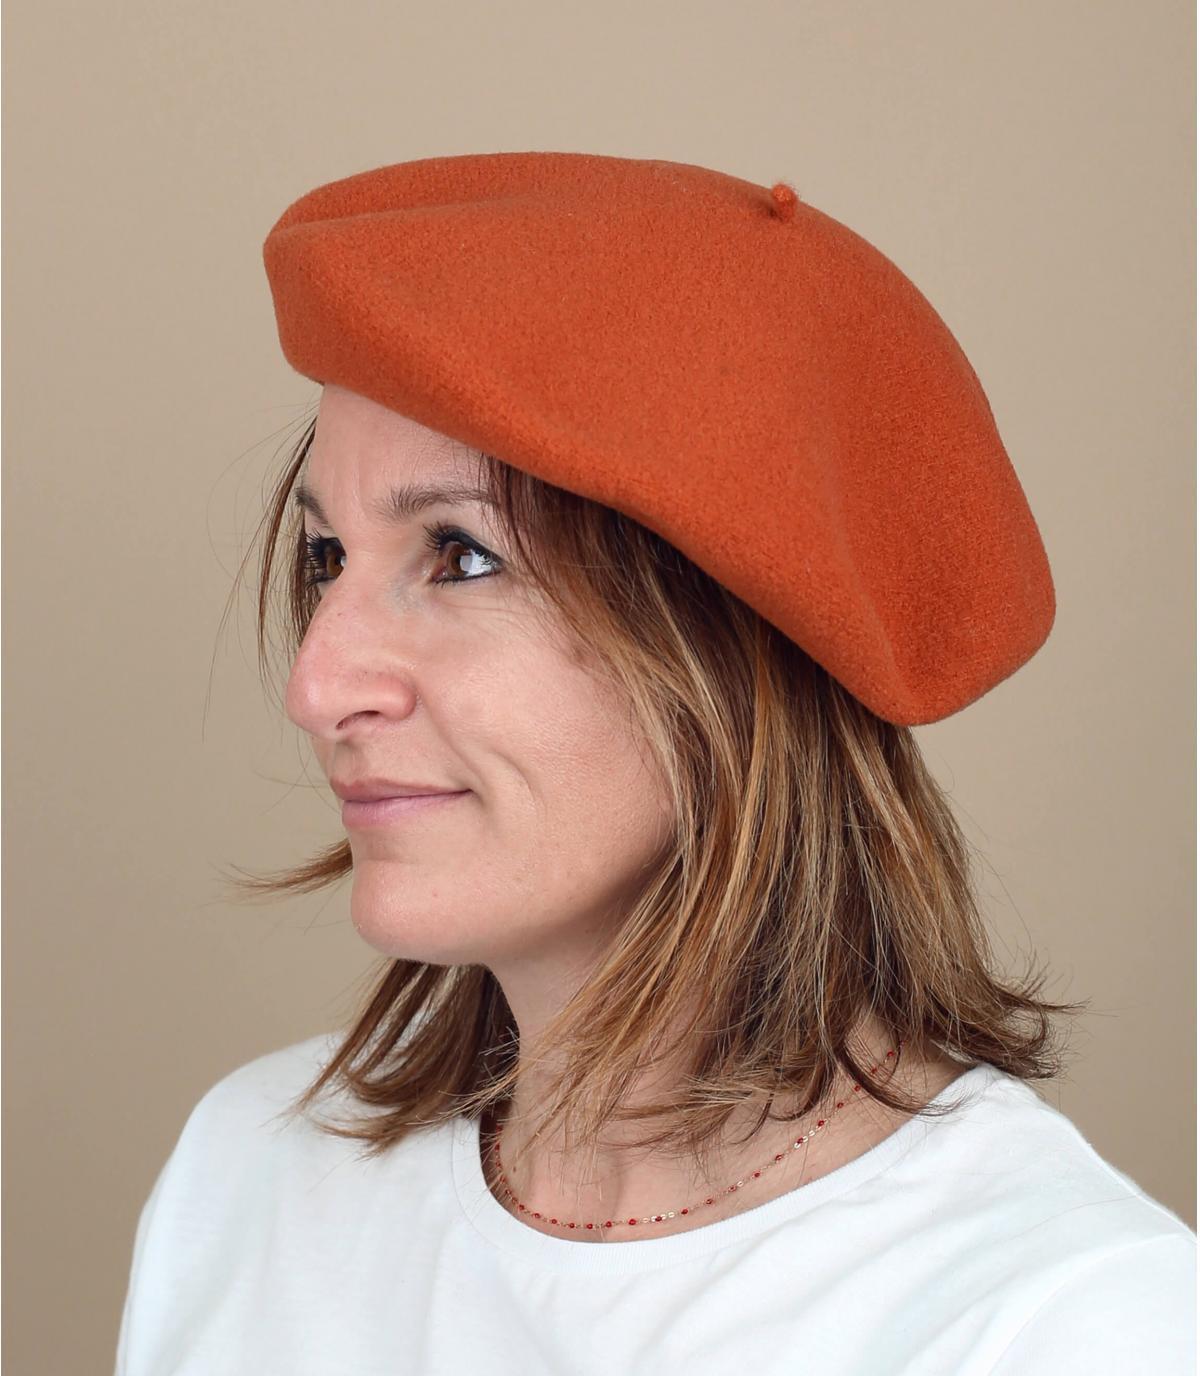 béret orange Laulhère